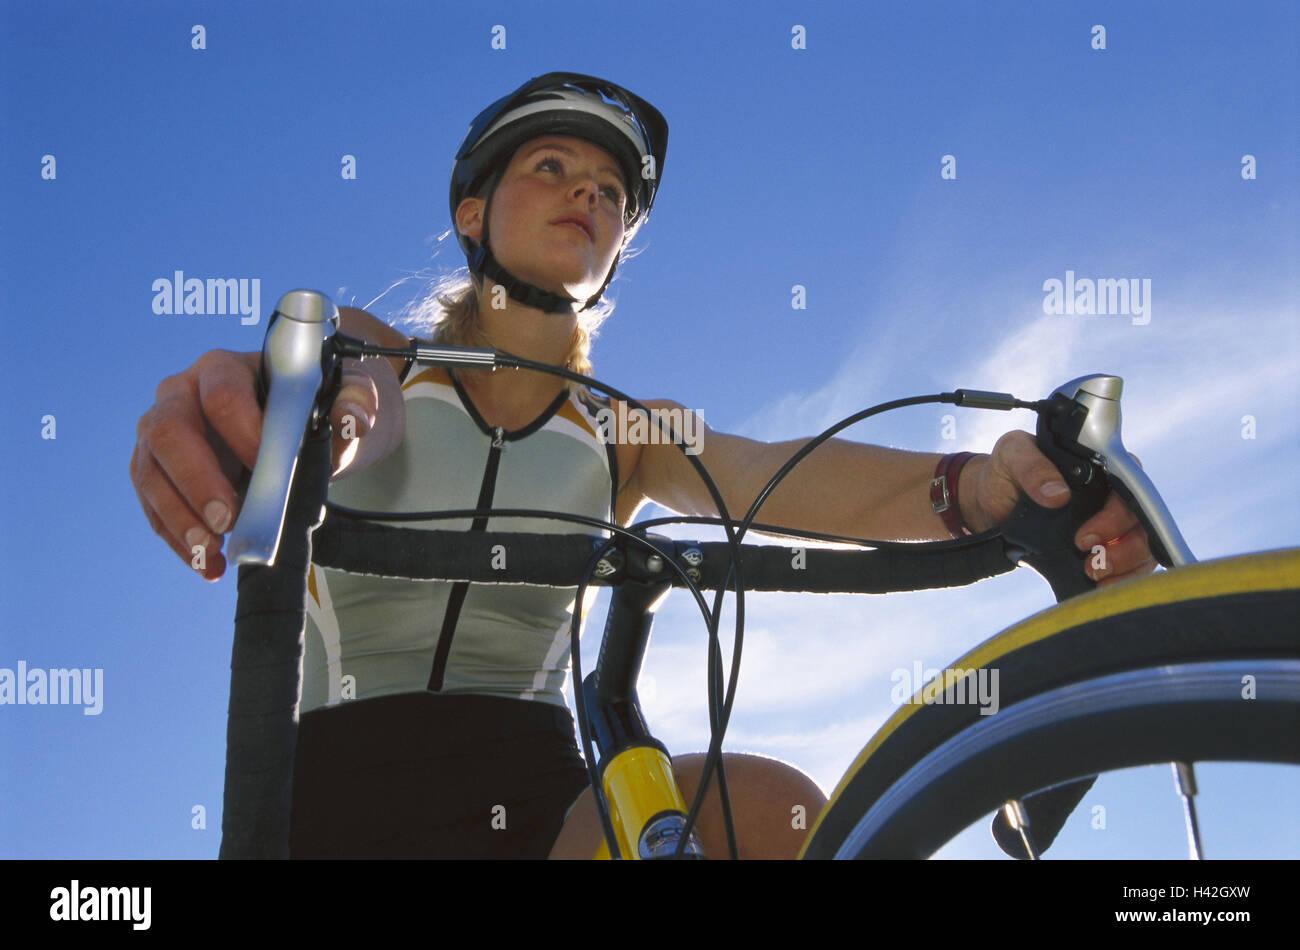 Course cycliste, en détail, contrejour, de dessous femme, grande sportive, de 20 à 30 ans, course cycliste, radian, Banque D'Images